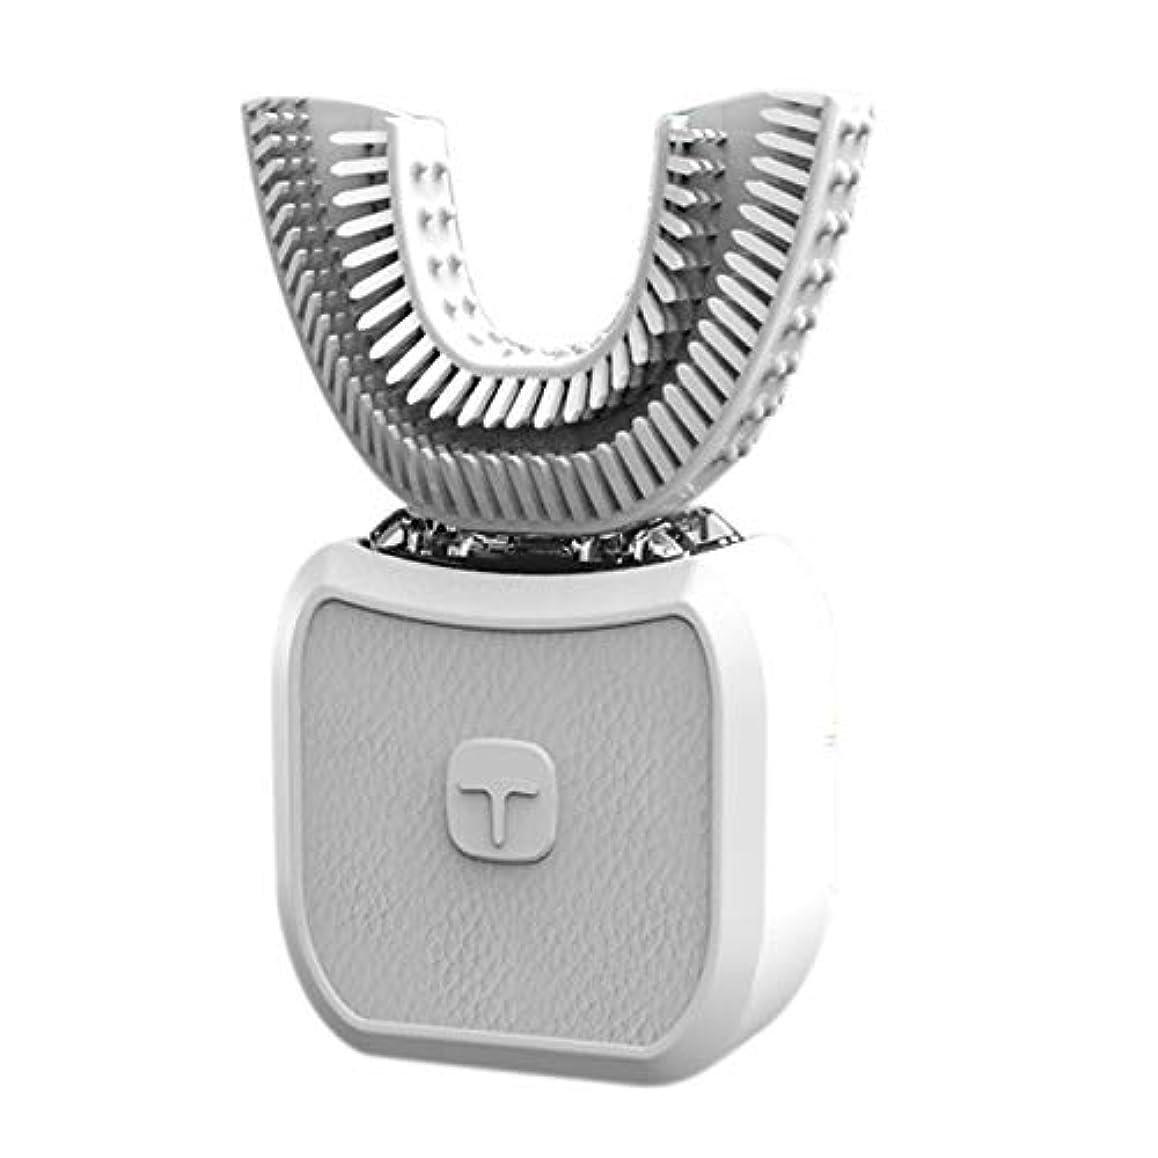 接辞に慣れ尾フルオートマチック可変周波数電動歯ブラシ、自動360度U字型電動歯ブラシ、ワイヤレス充電IPX7防水自動歯ブラシ(大人用),White